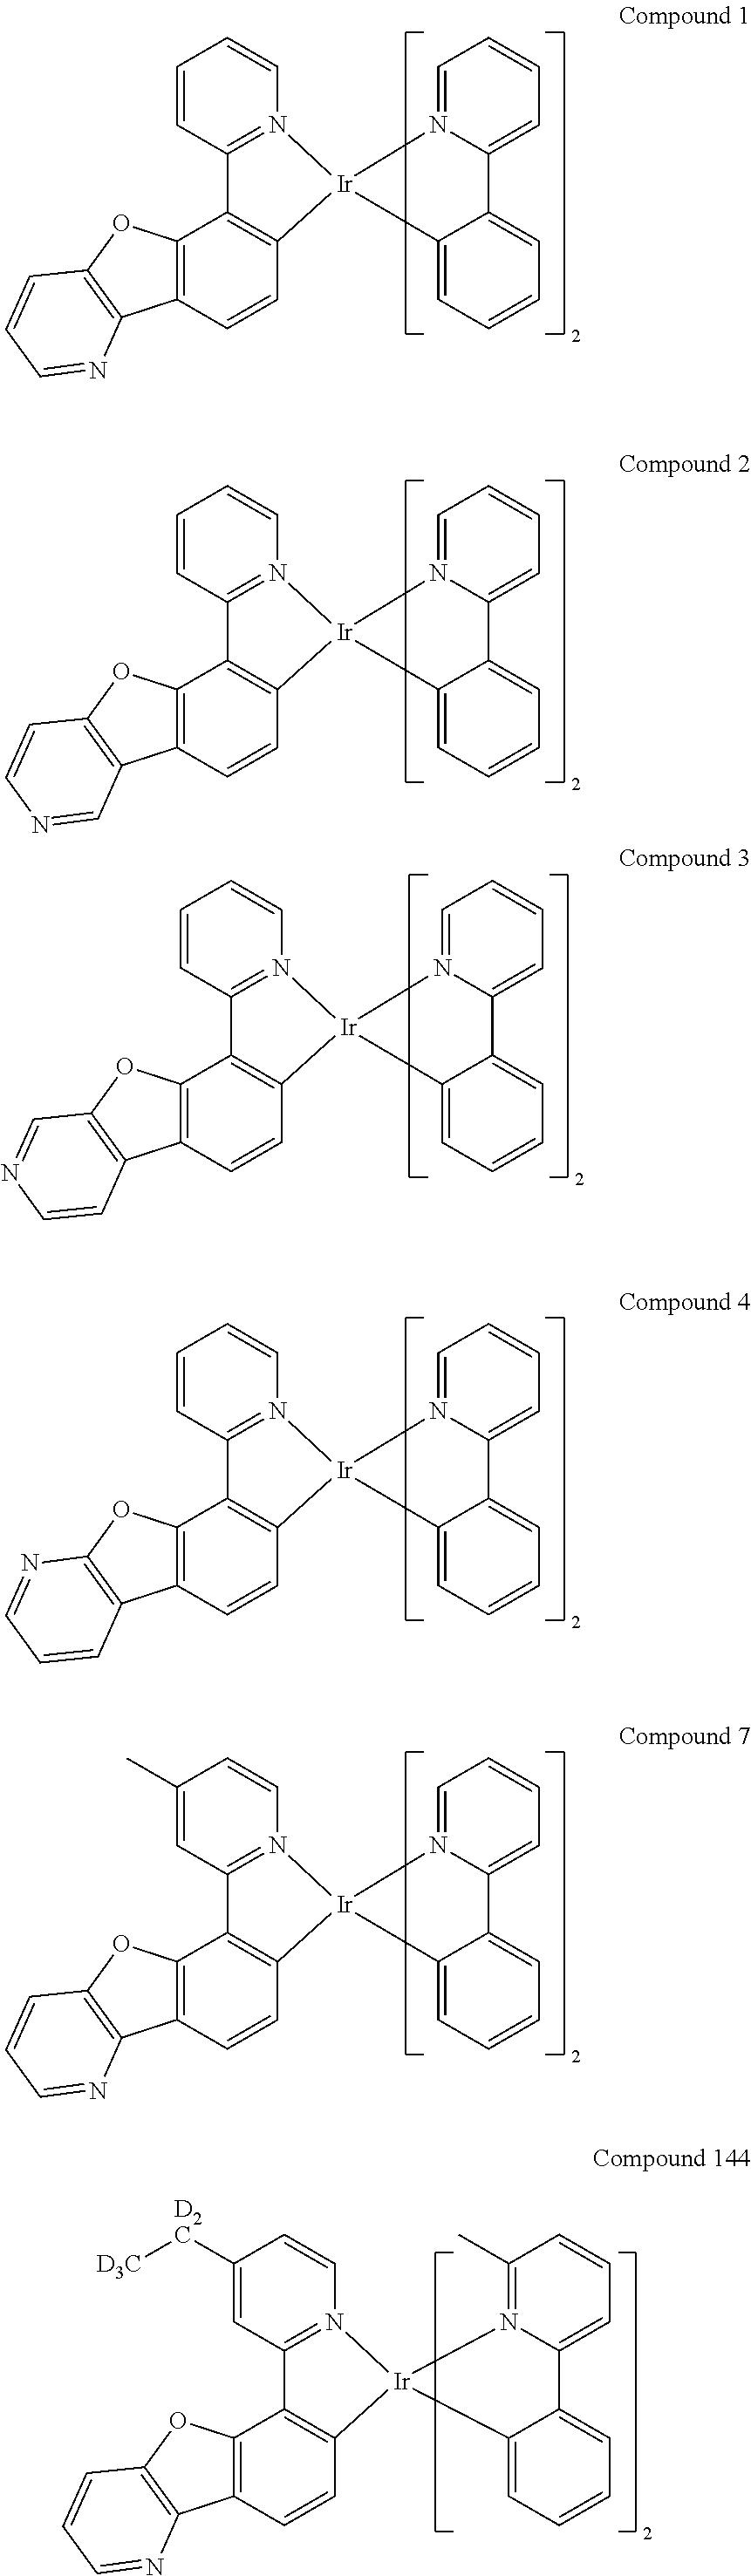 Figure US09634264-20170425-C00031